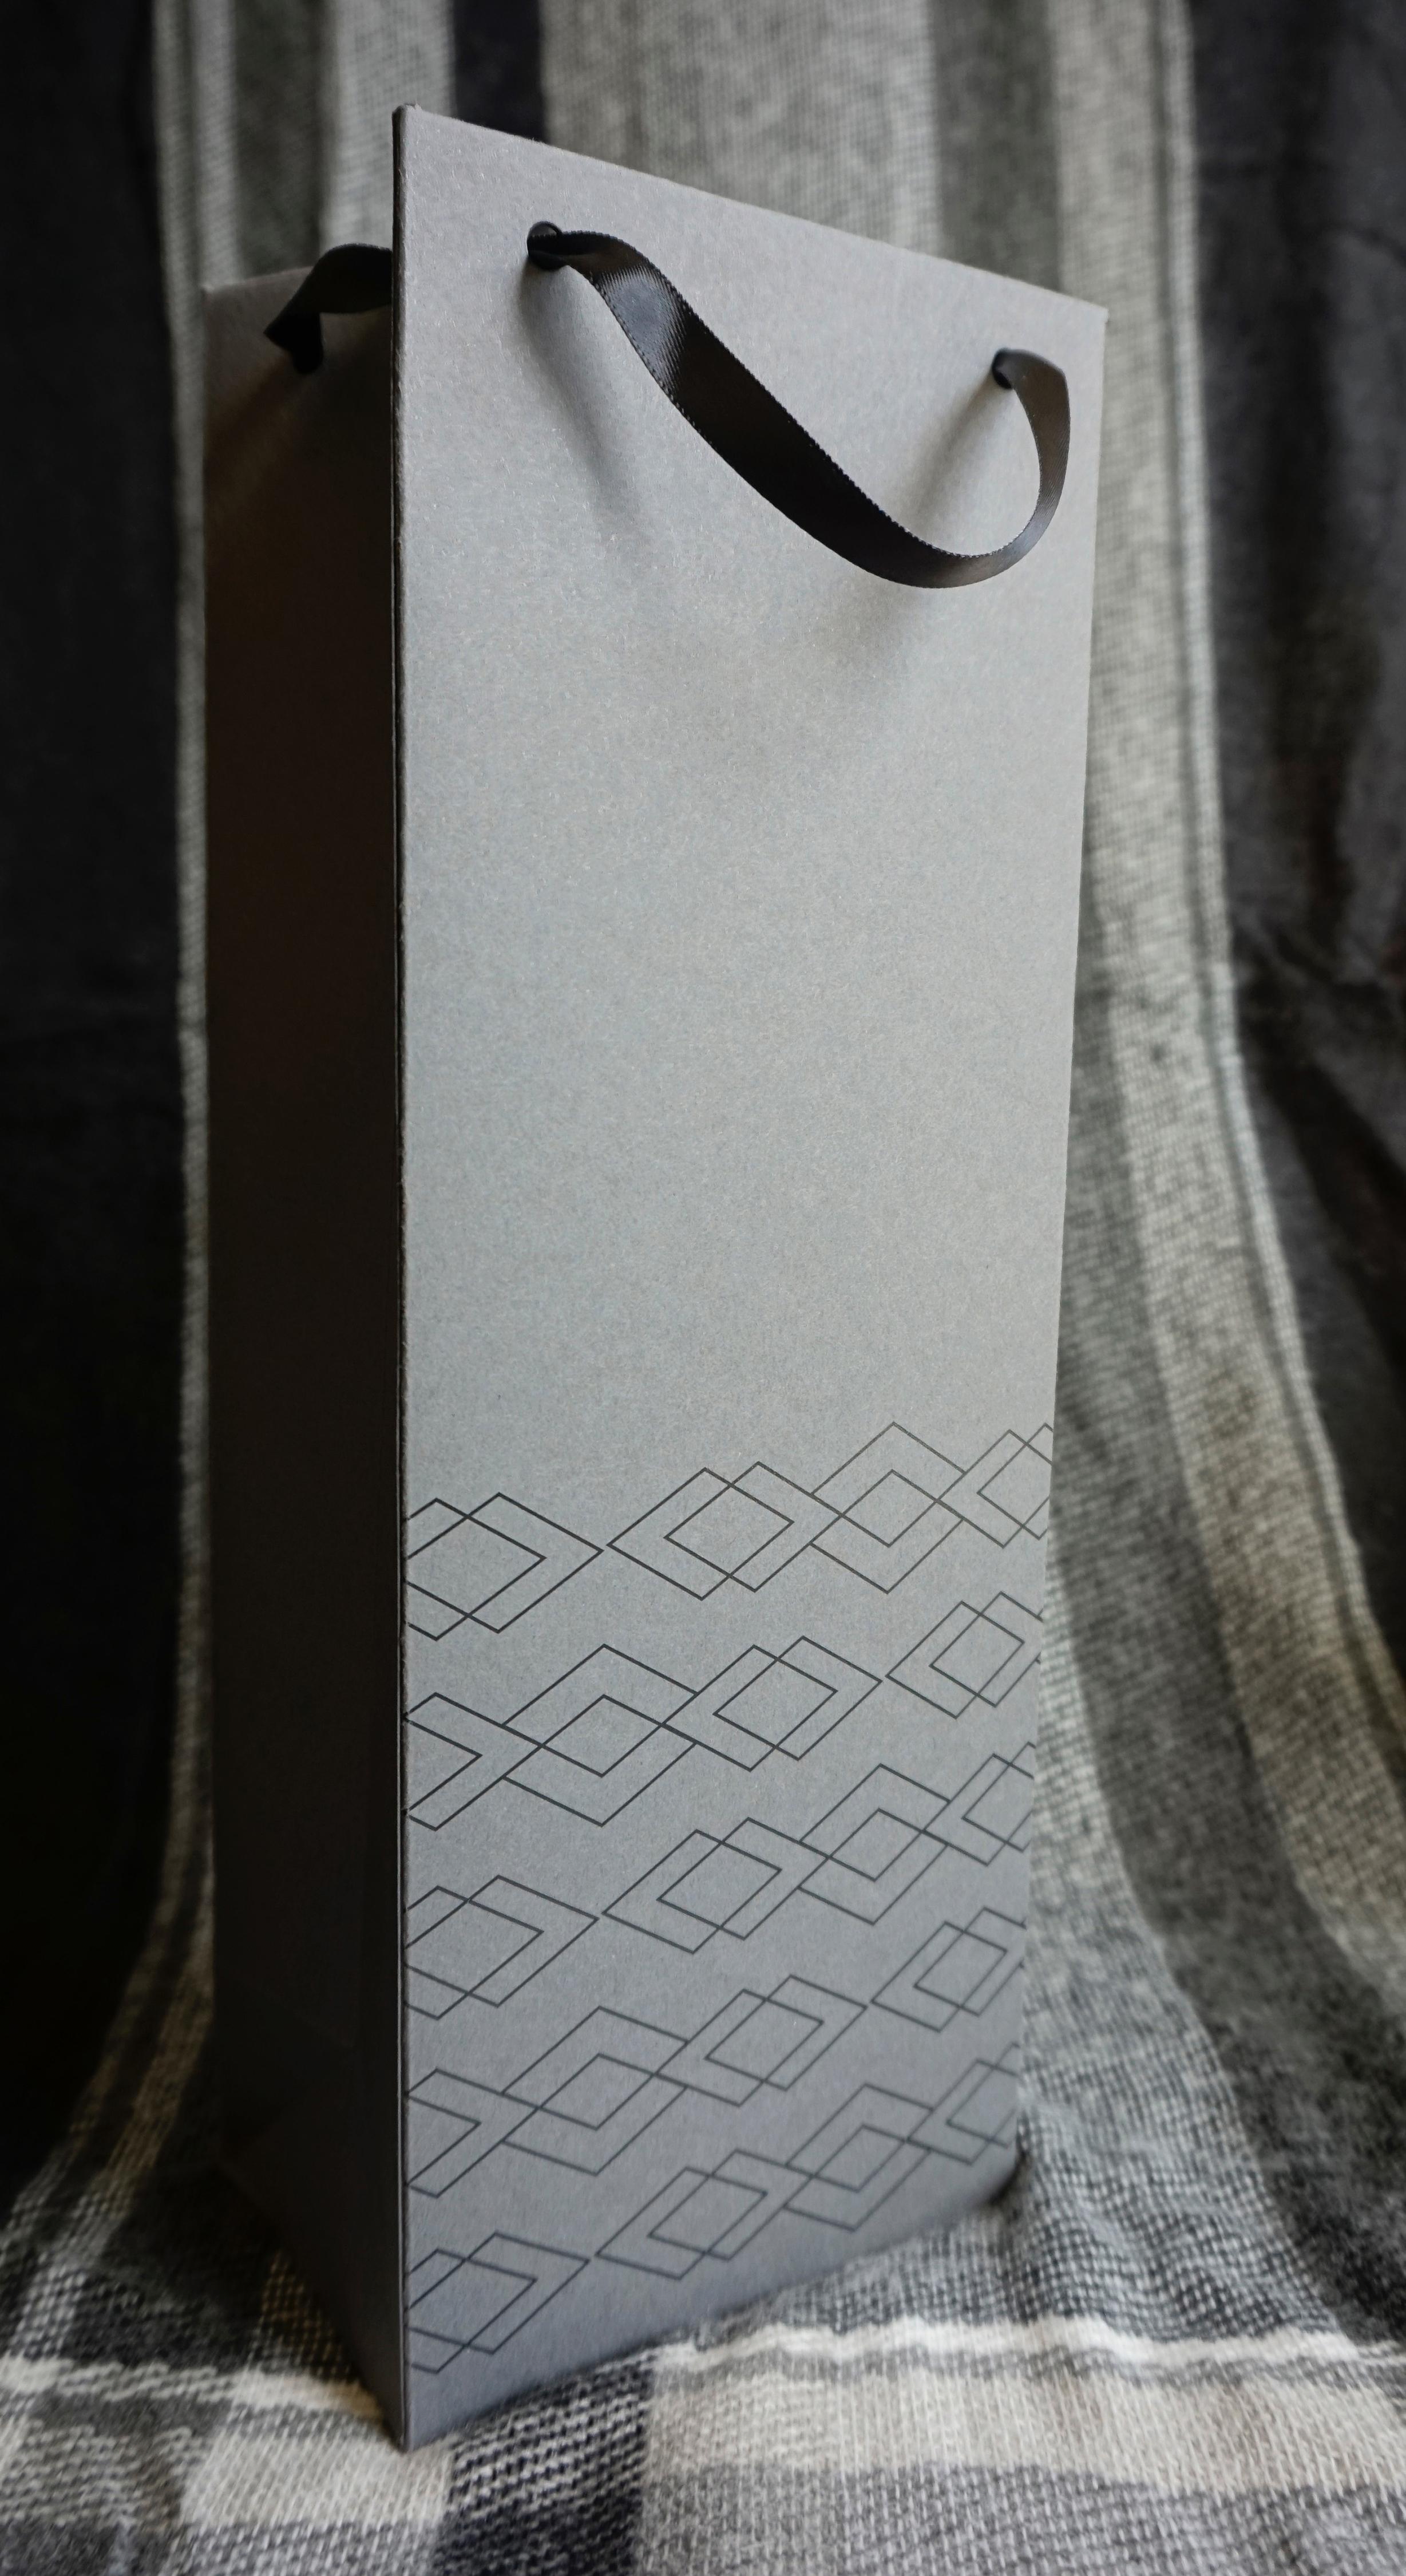 bag copy.jpg